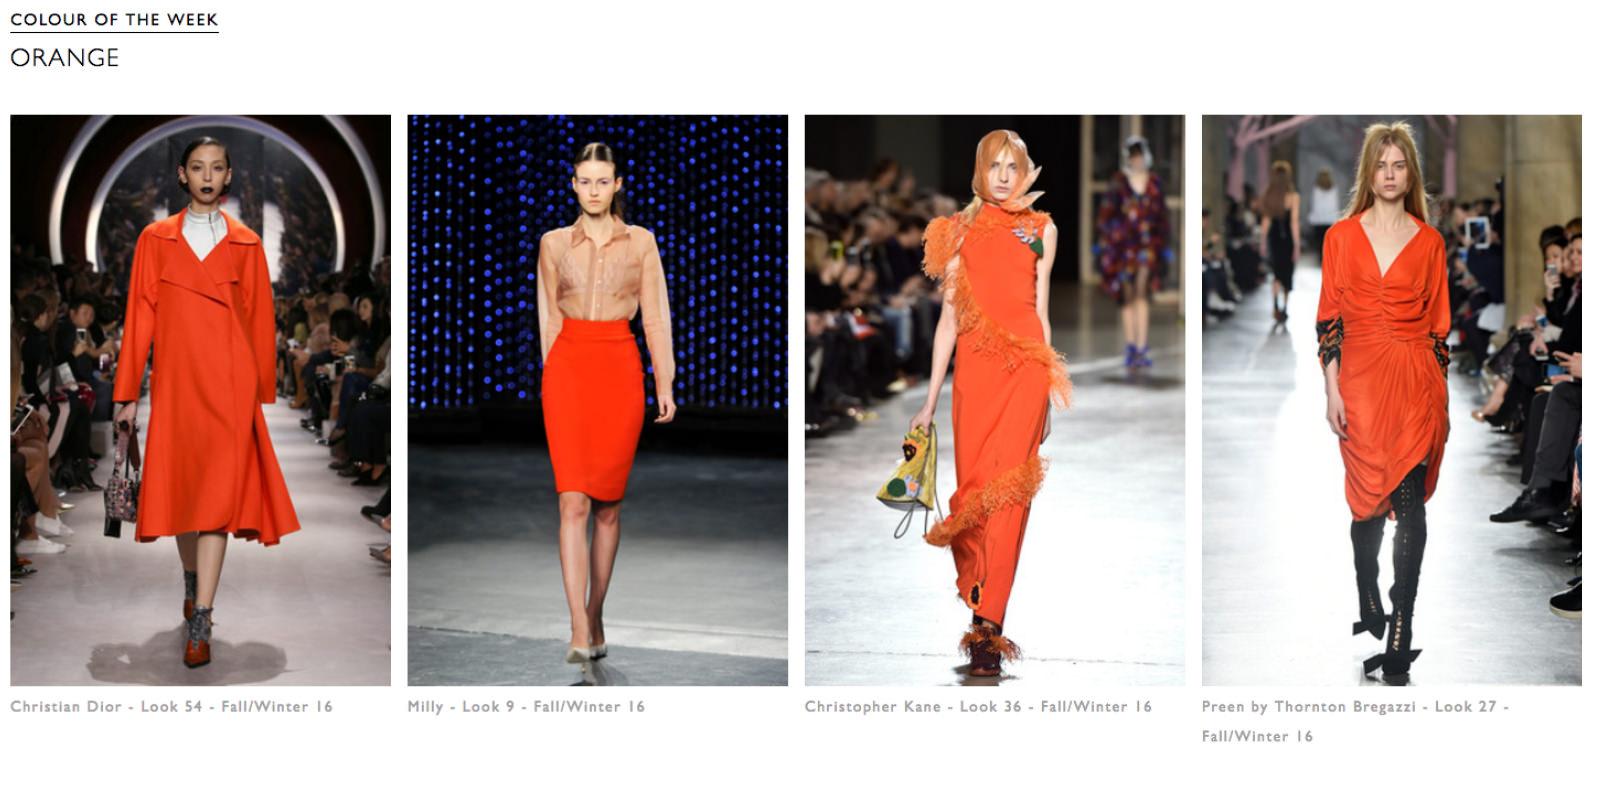 """Partie de ce constat,Alexandra Van Houtte,ancienne assistante styliste diplomée duLondon College of Fashion, et ancienne assistante chezLanvin etNuméro,a eu l'idée simple mais très astucieuse de créer un nouveau moteur de recherche dédiée à la mode:Tagwalk.""""Comme assistante, j'ai passé des heures à chercher à la dernière minute des robes fleuries ou des chemises blanches. Je me suis dit qu'il y avait forcément un moyen plus facile et surtout plus rapide de faire les choses"""", raconte Alexandra.   Pour résumer en quelques mots, Tagwalkassocie le principe de Voguerunway à deux réseaux sociaux influents:Instagram et Pinterest.""""J'ai créé Tagwalk pour les assistants stylistes, les étudiants, les journalistes et les chercheurs de tendances. Le site est gratuit, disponible en anglais et en français et je voulais qu'il soit ergonomique et très fonctionnel,"""" continue Alexandra.Fondé sur un système de mots clés(à la manière des hashtags Instagram), Tagwalk permet pour une saison donnéede trouver tous les looks correspondants présentés lors desFashion Weeks de New York, Londres, Milan et Parispuis de créer des moodboards, reprenant le concept de Pinterest. Et cetteinnovation pourrait bien bouleverser l'industrie."""